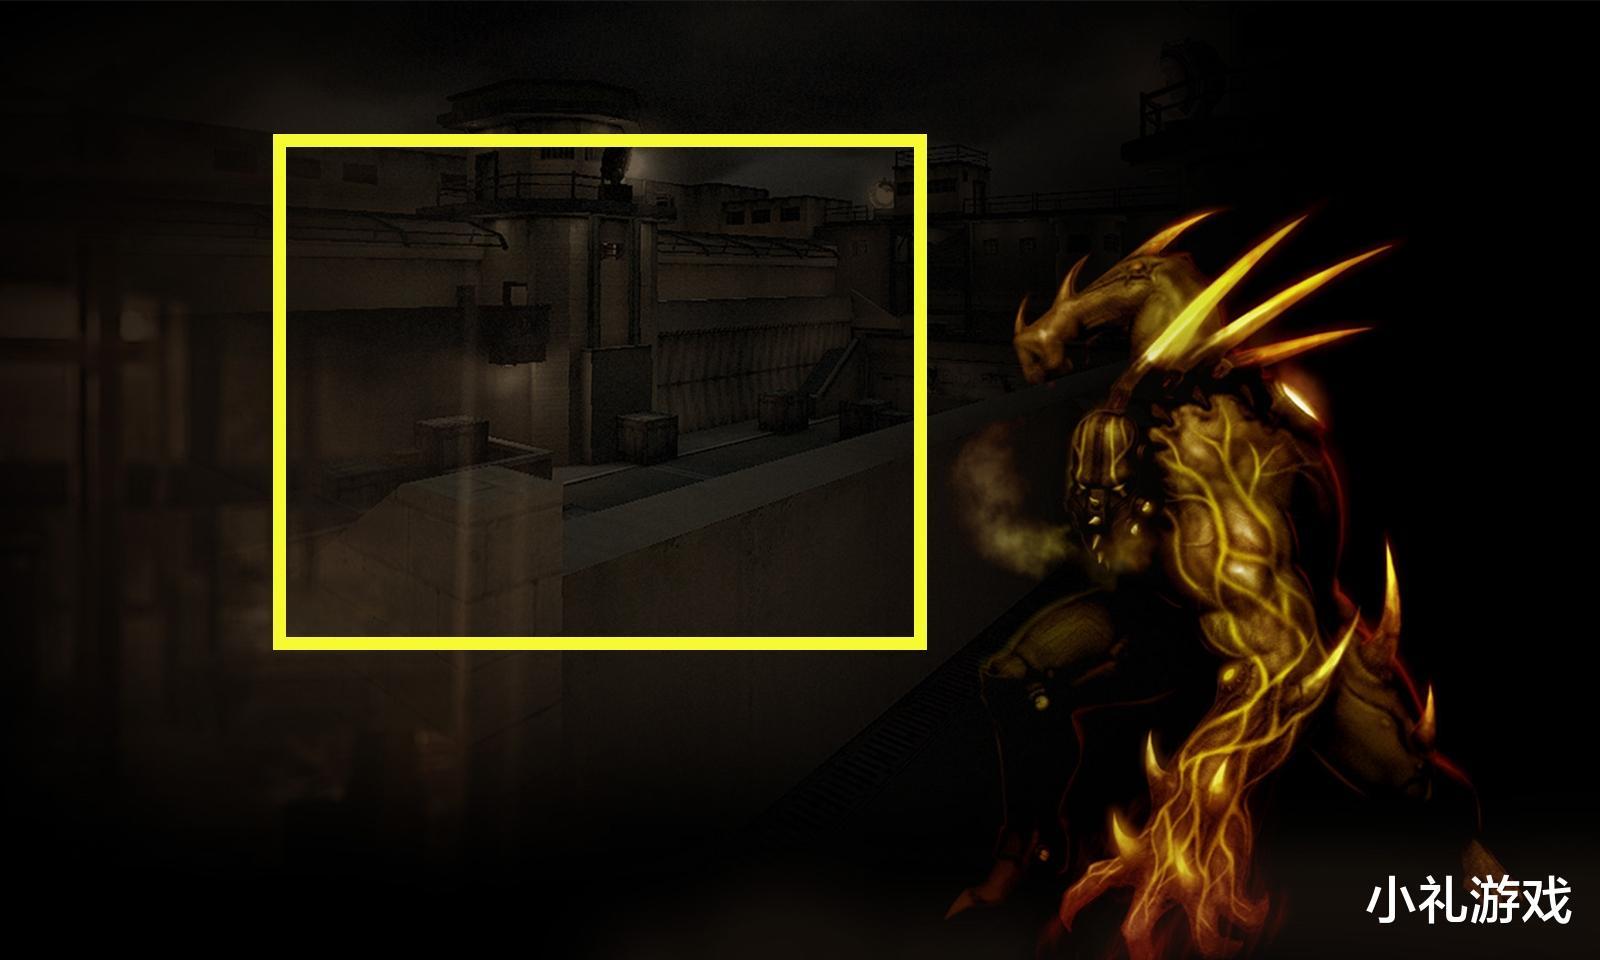 日文游戏全网禁售_《穿越火线》绿巨人到底经历了什么?背景图出现了守望之城的地图